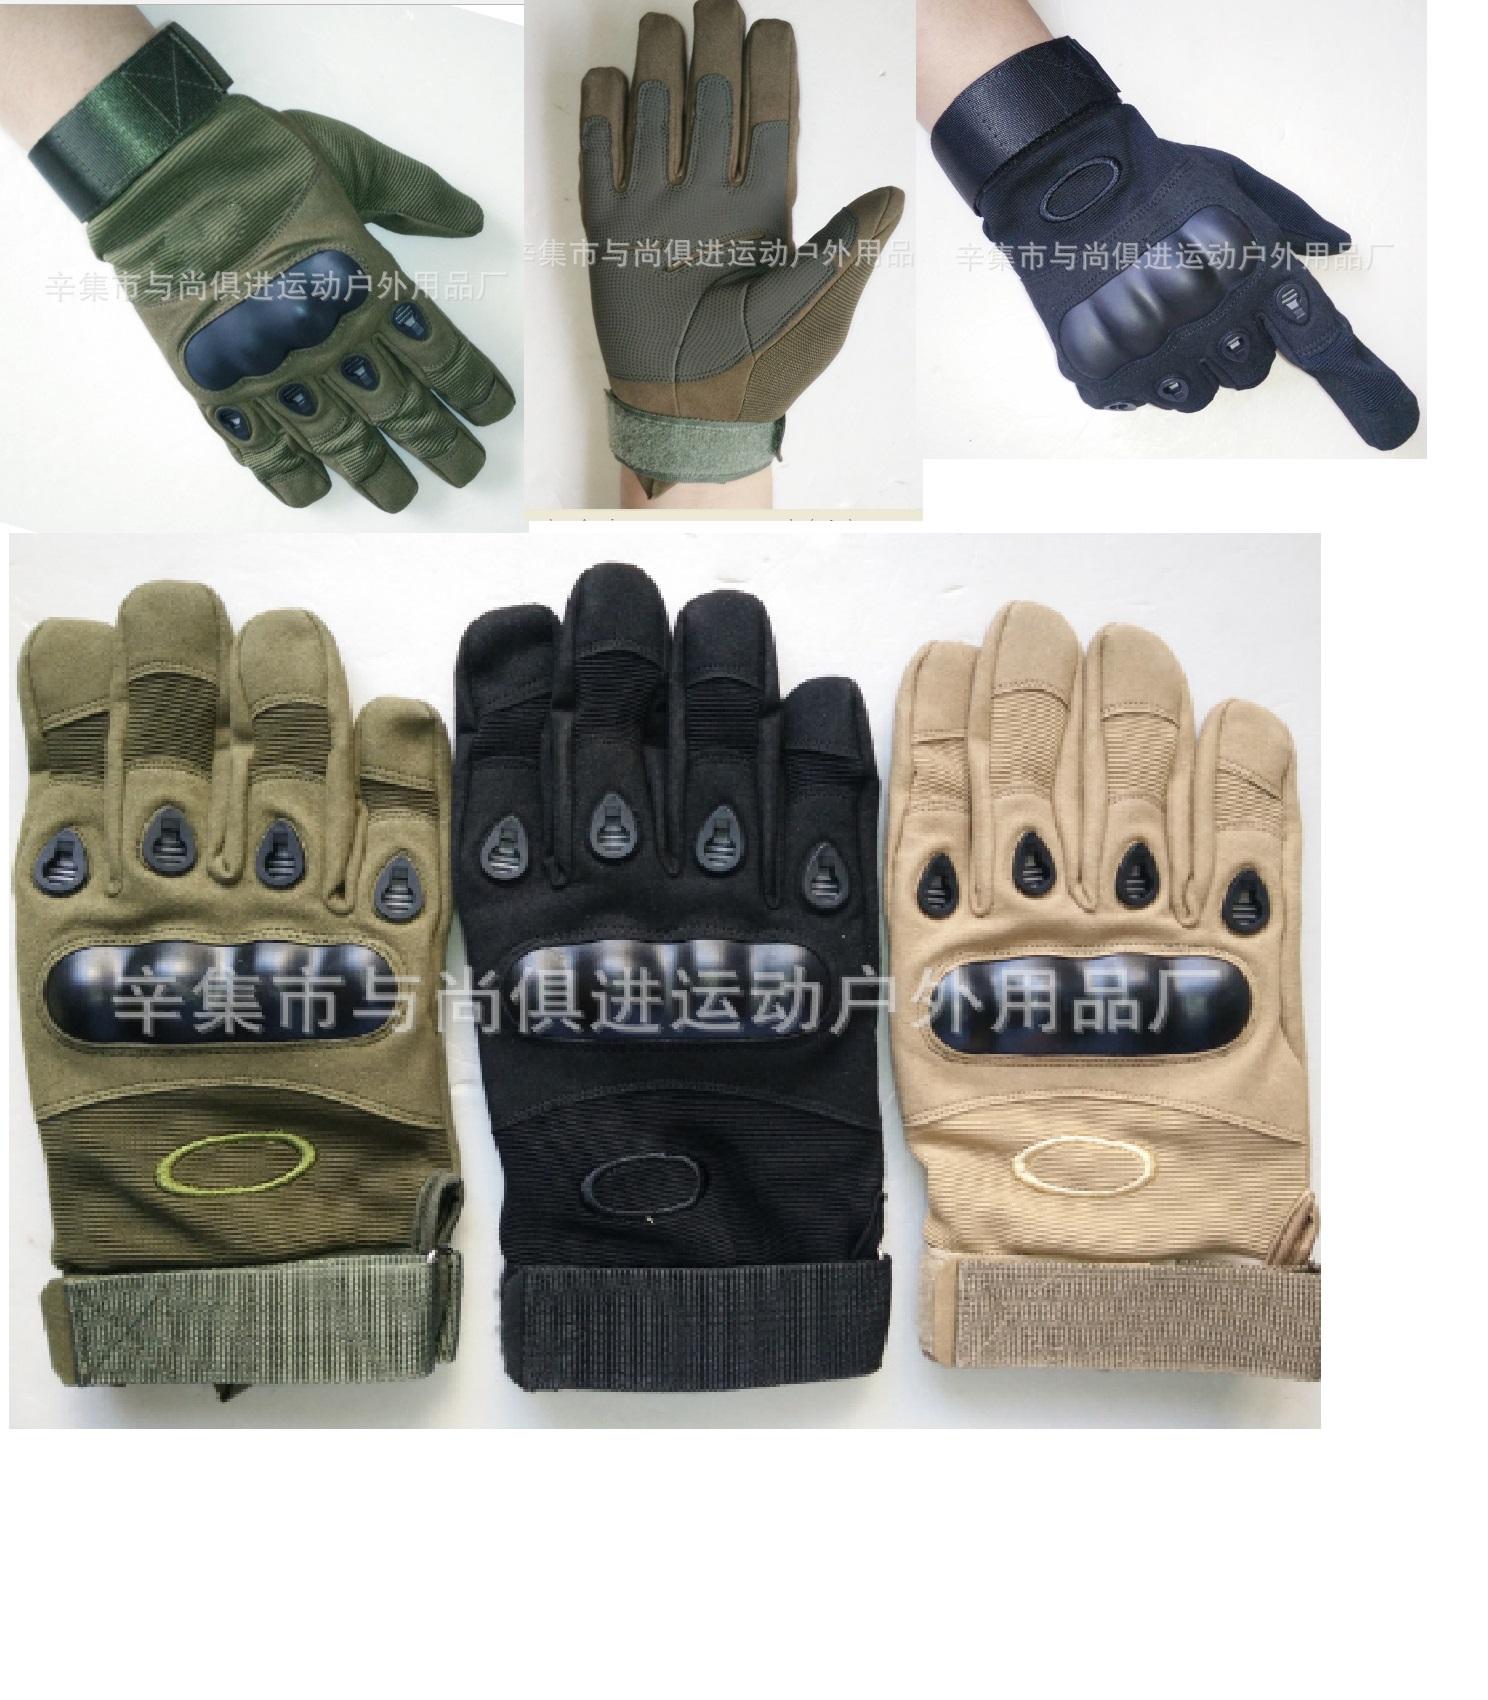 Găng tay oakley dài